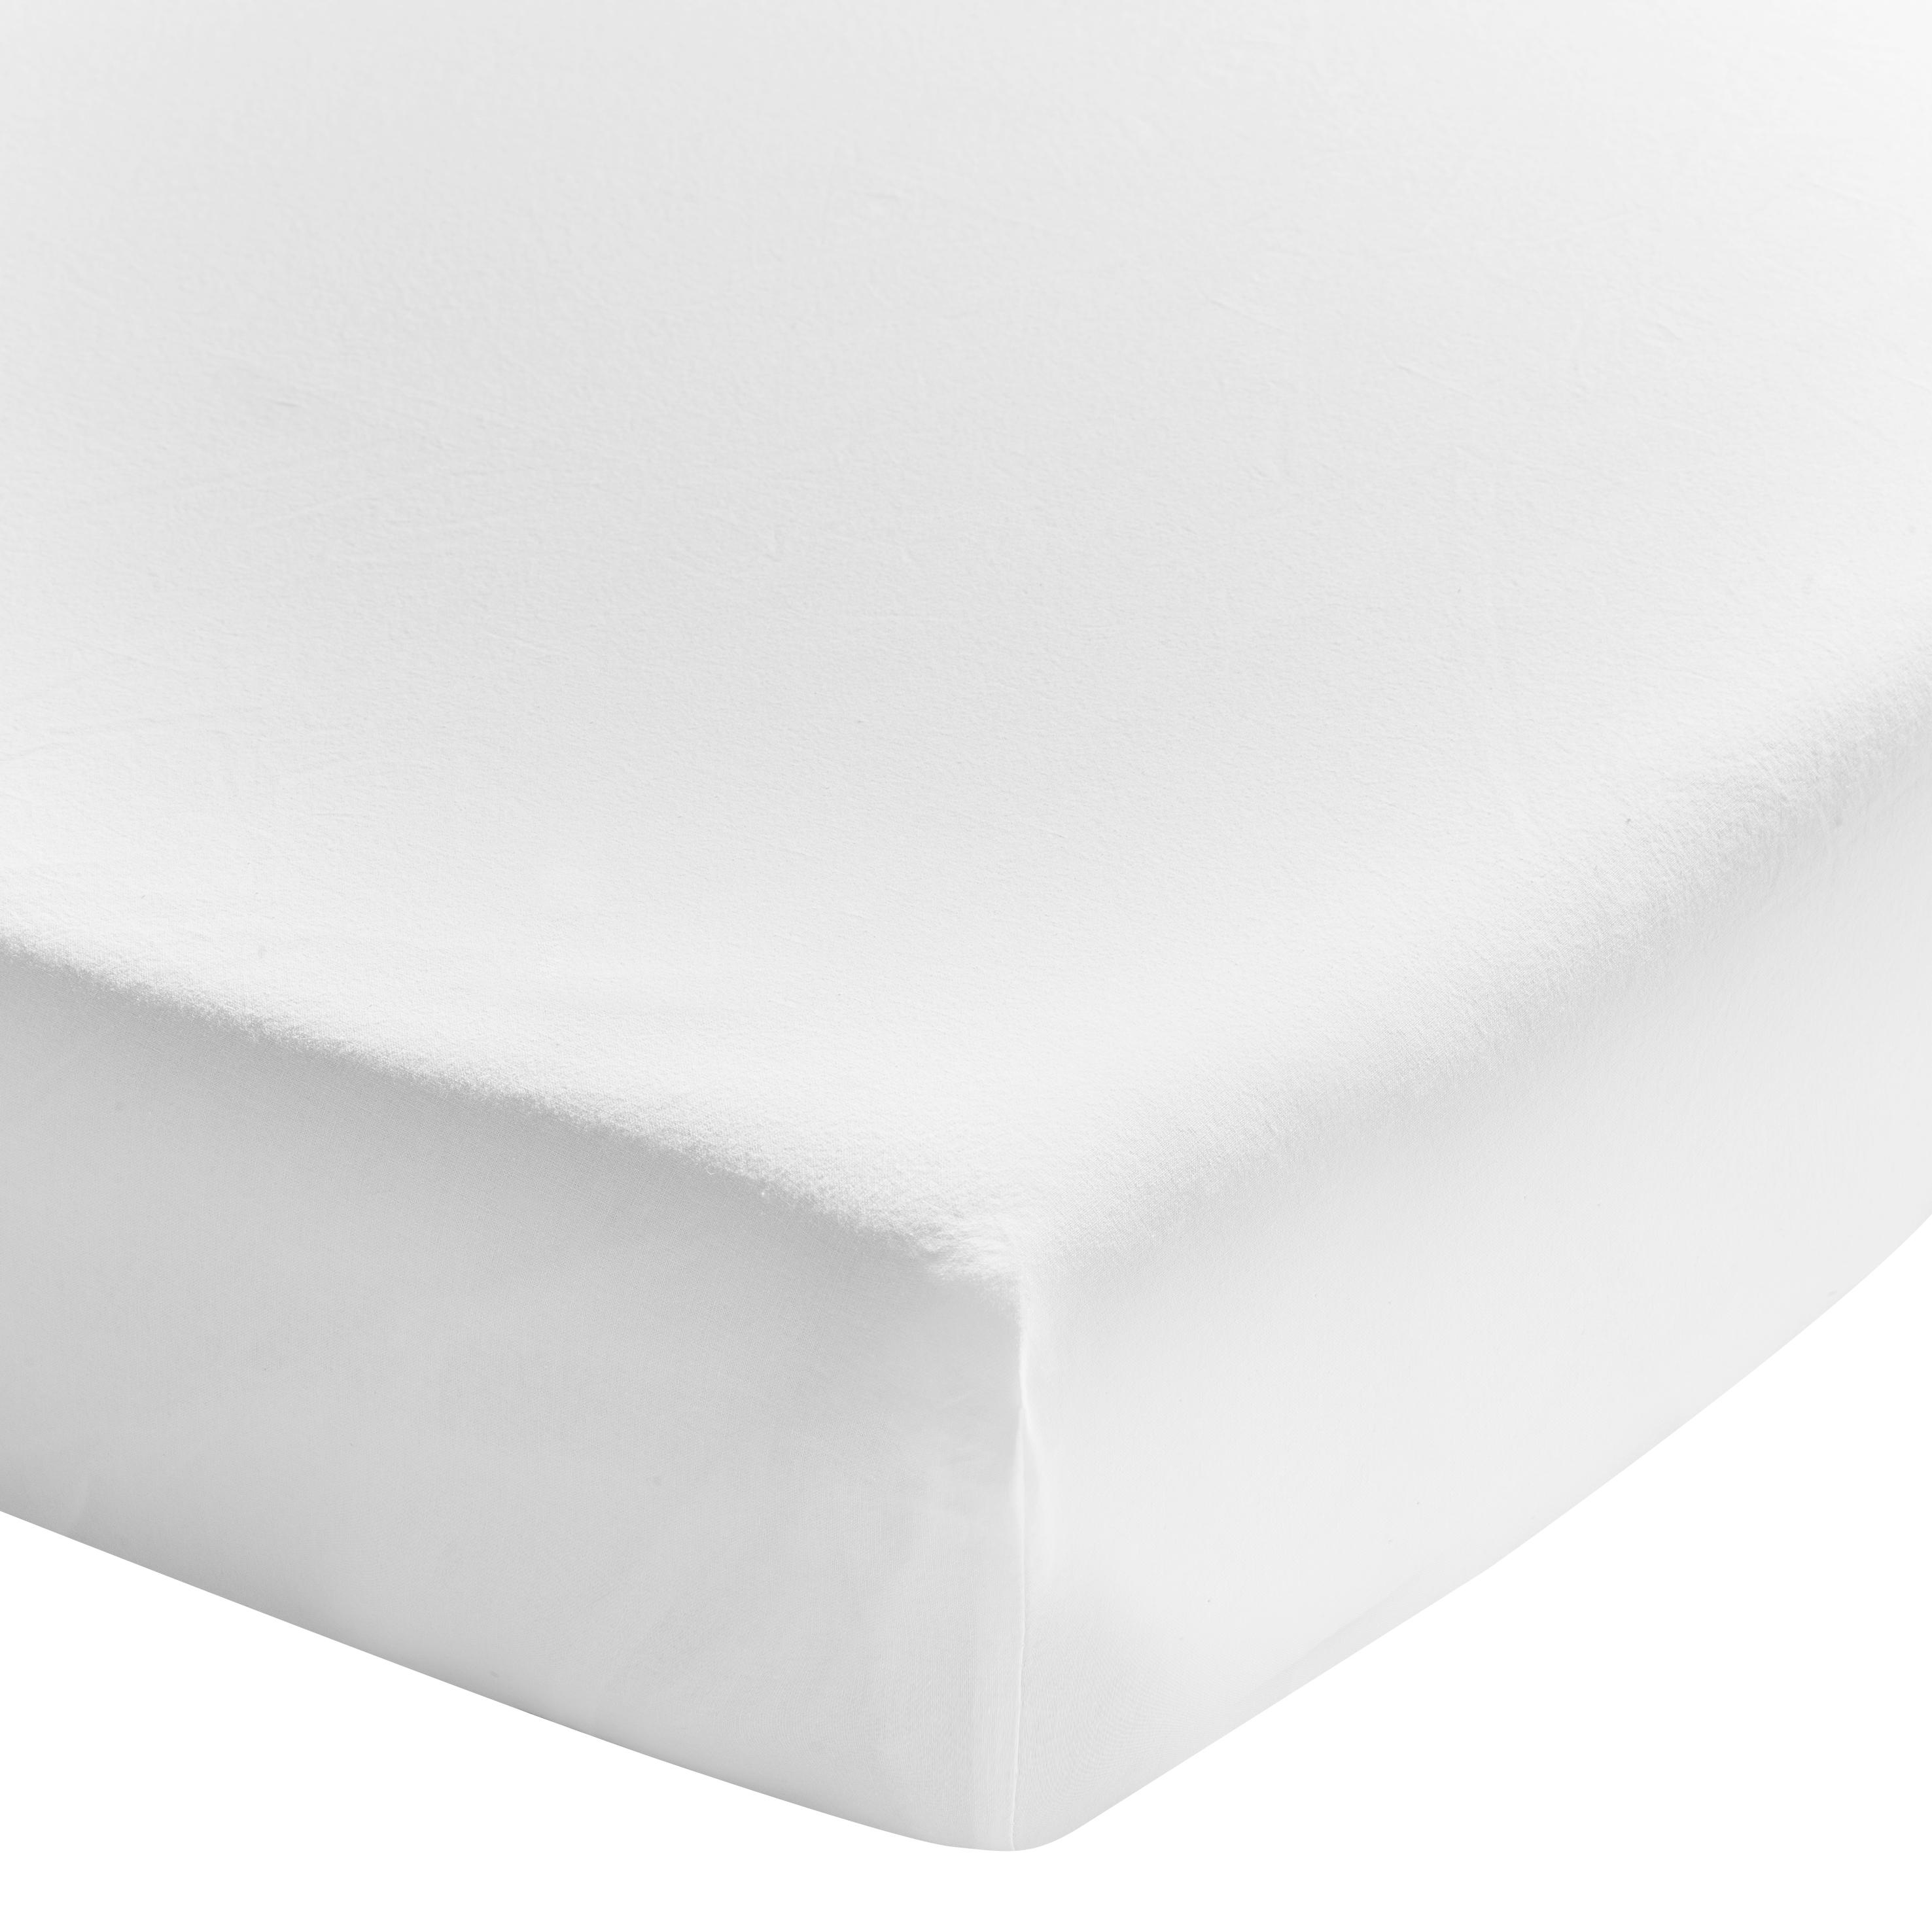 Drap housse uni en coton lavé blanc 140x190